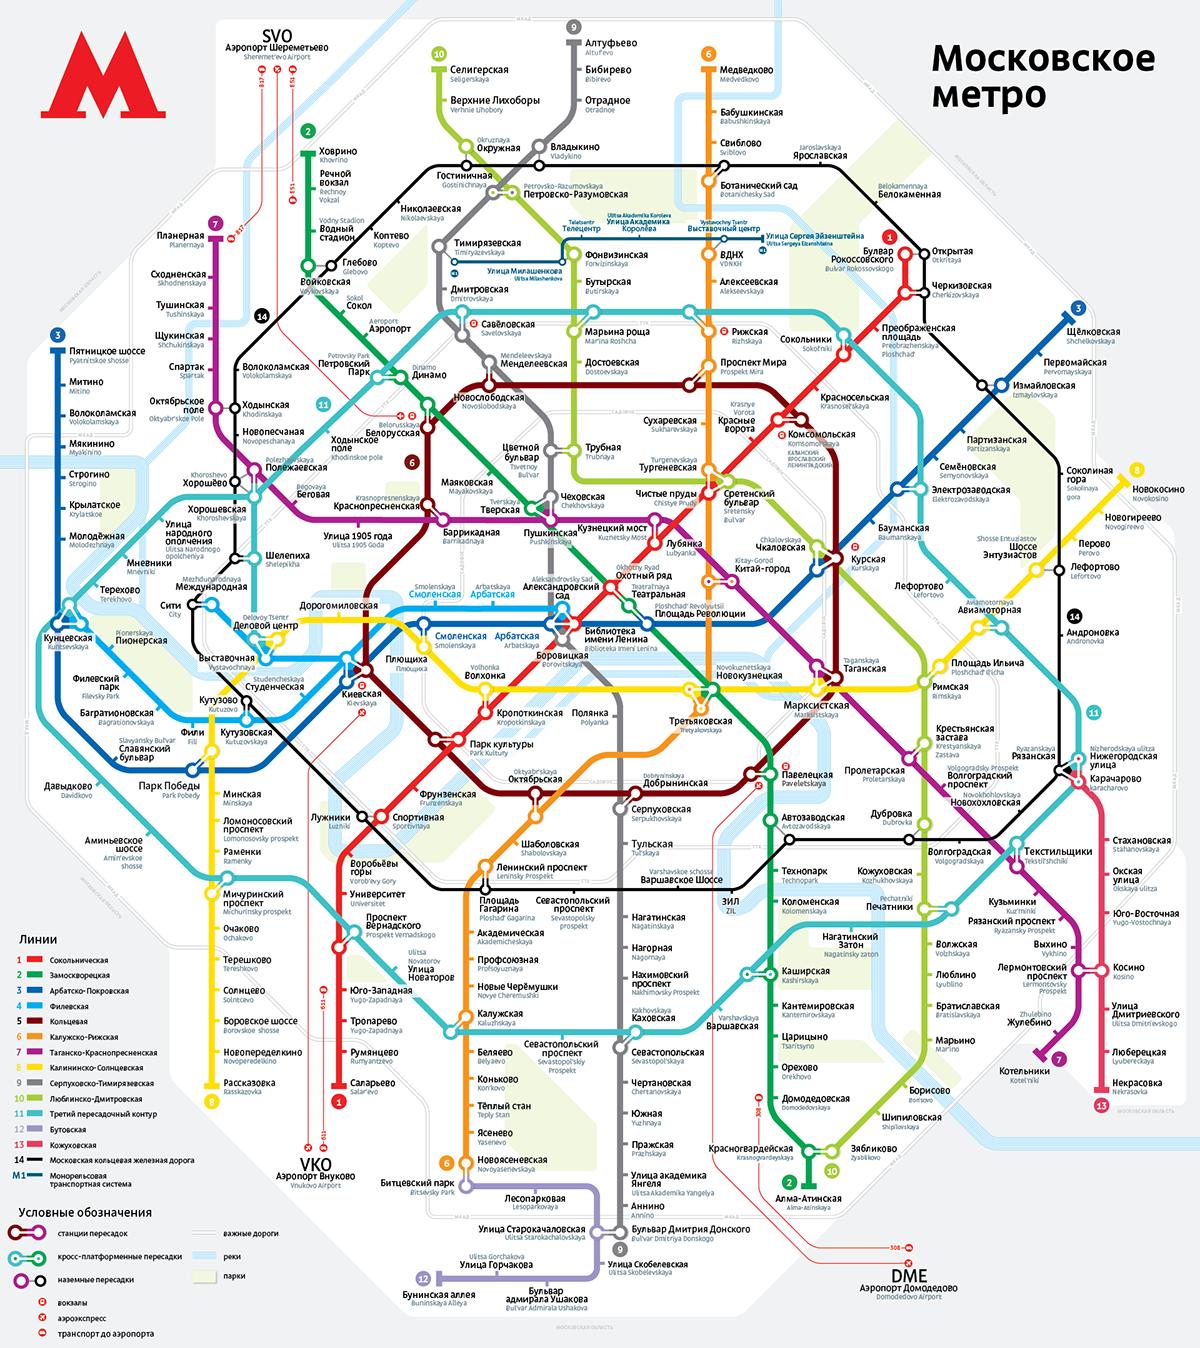 Картинки схемы метро в москве, открыток